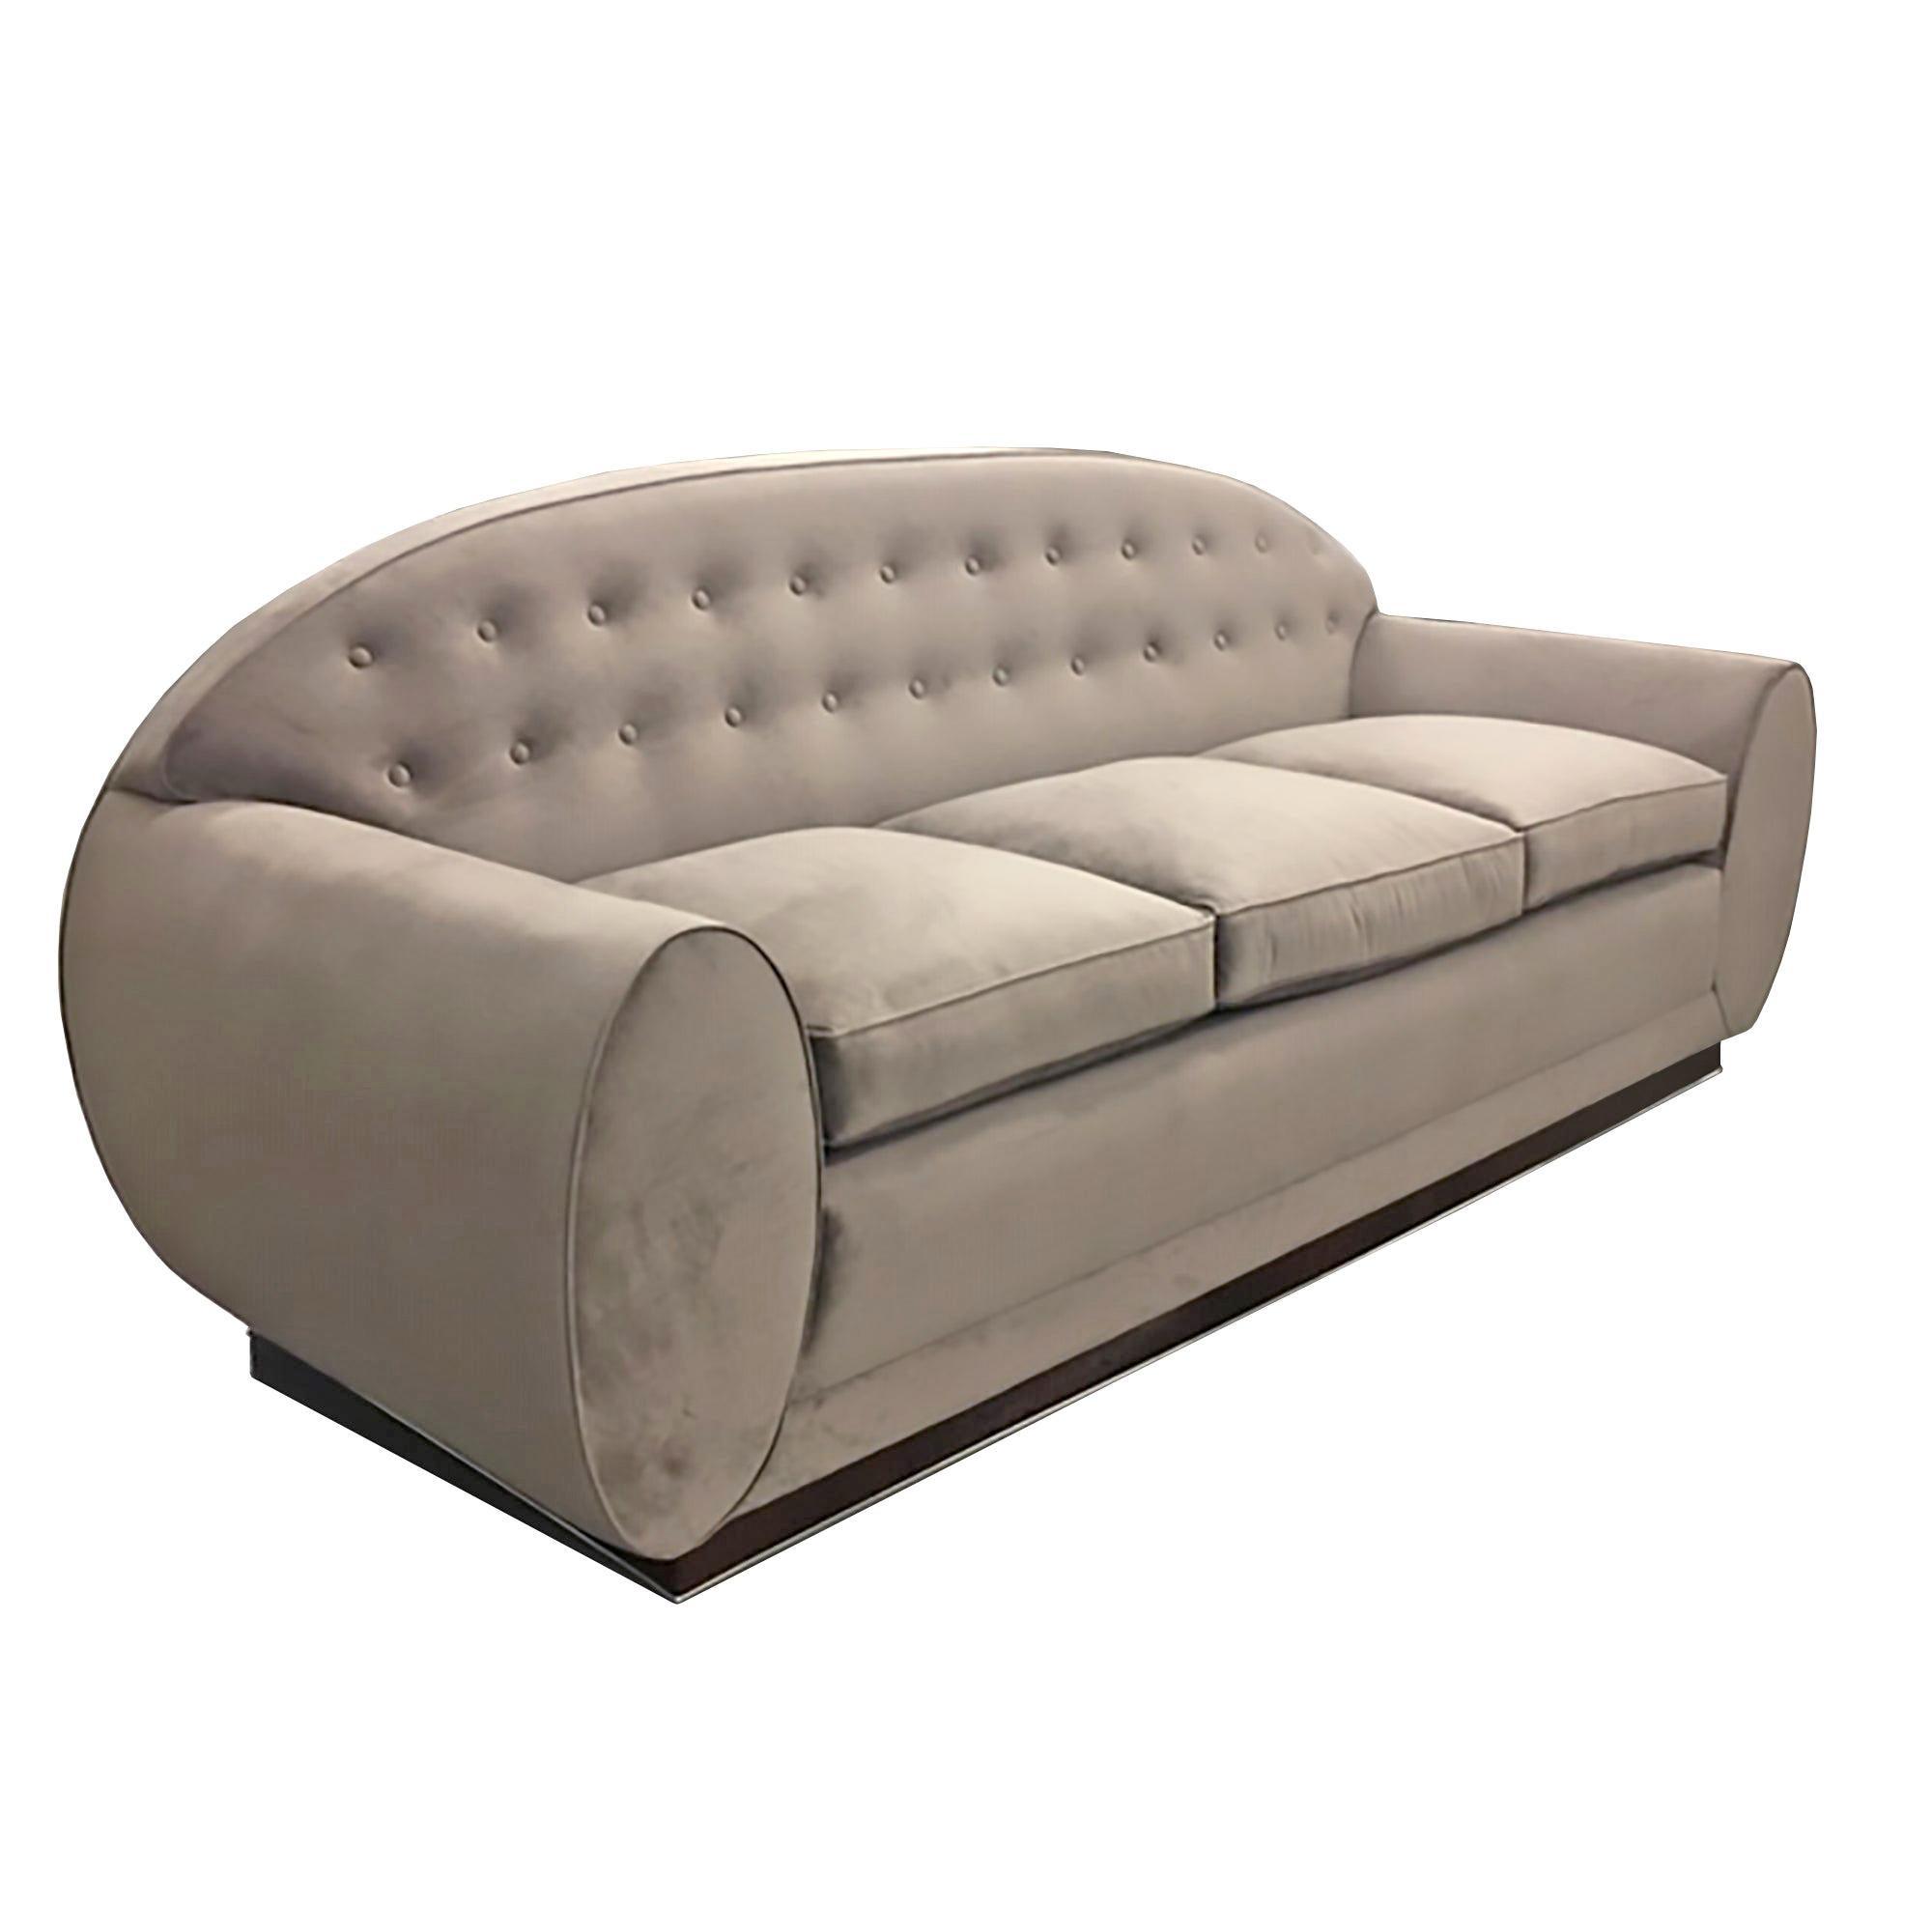 Sofa Designed by René Drouet